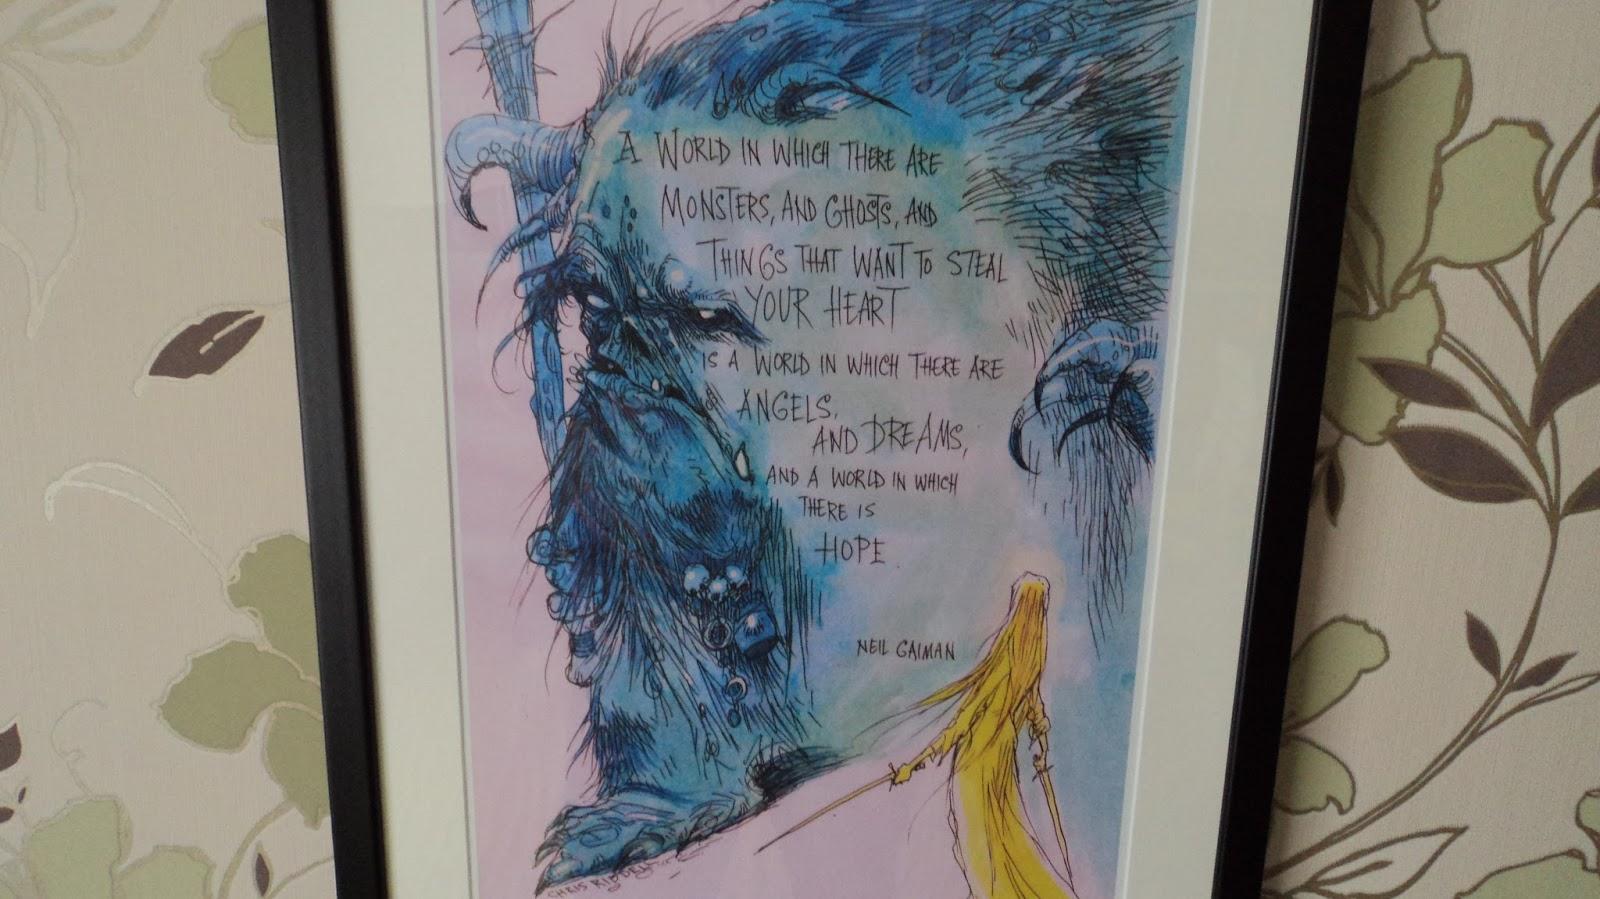 Neil Gaiman Chris Riddell Print